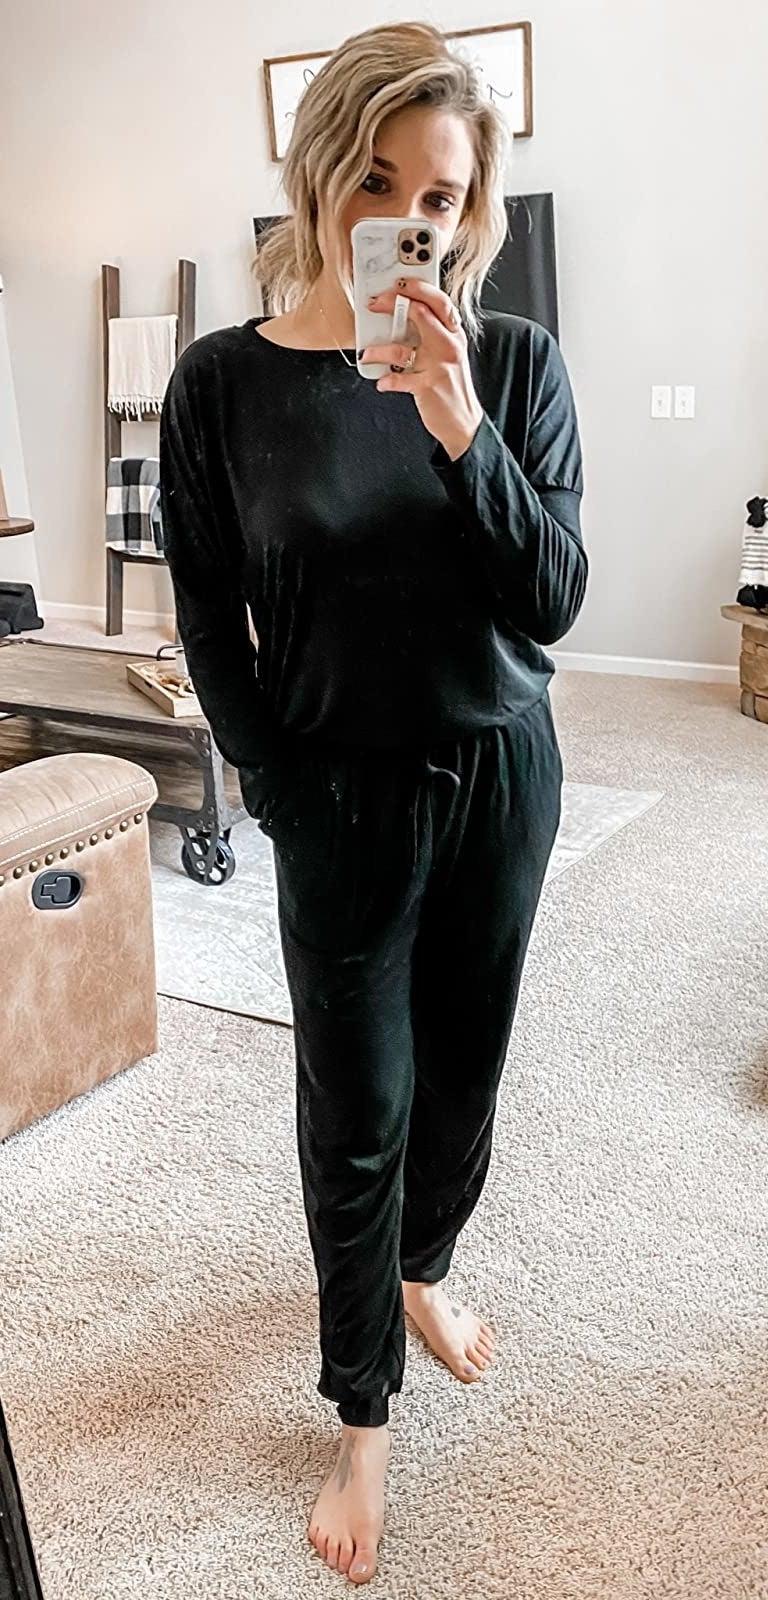 Reviewer wearing black set